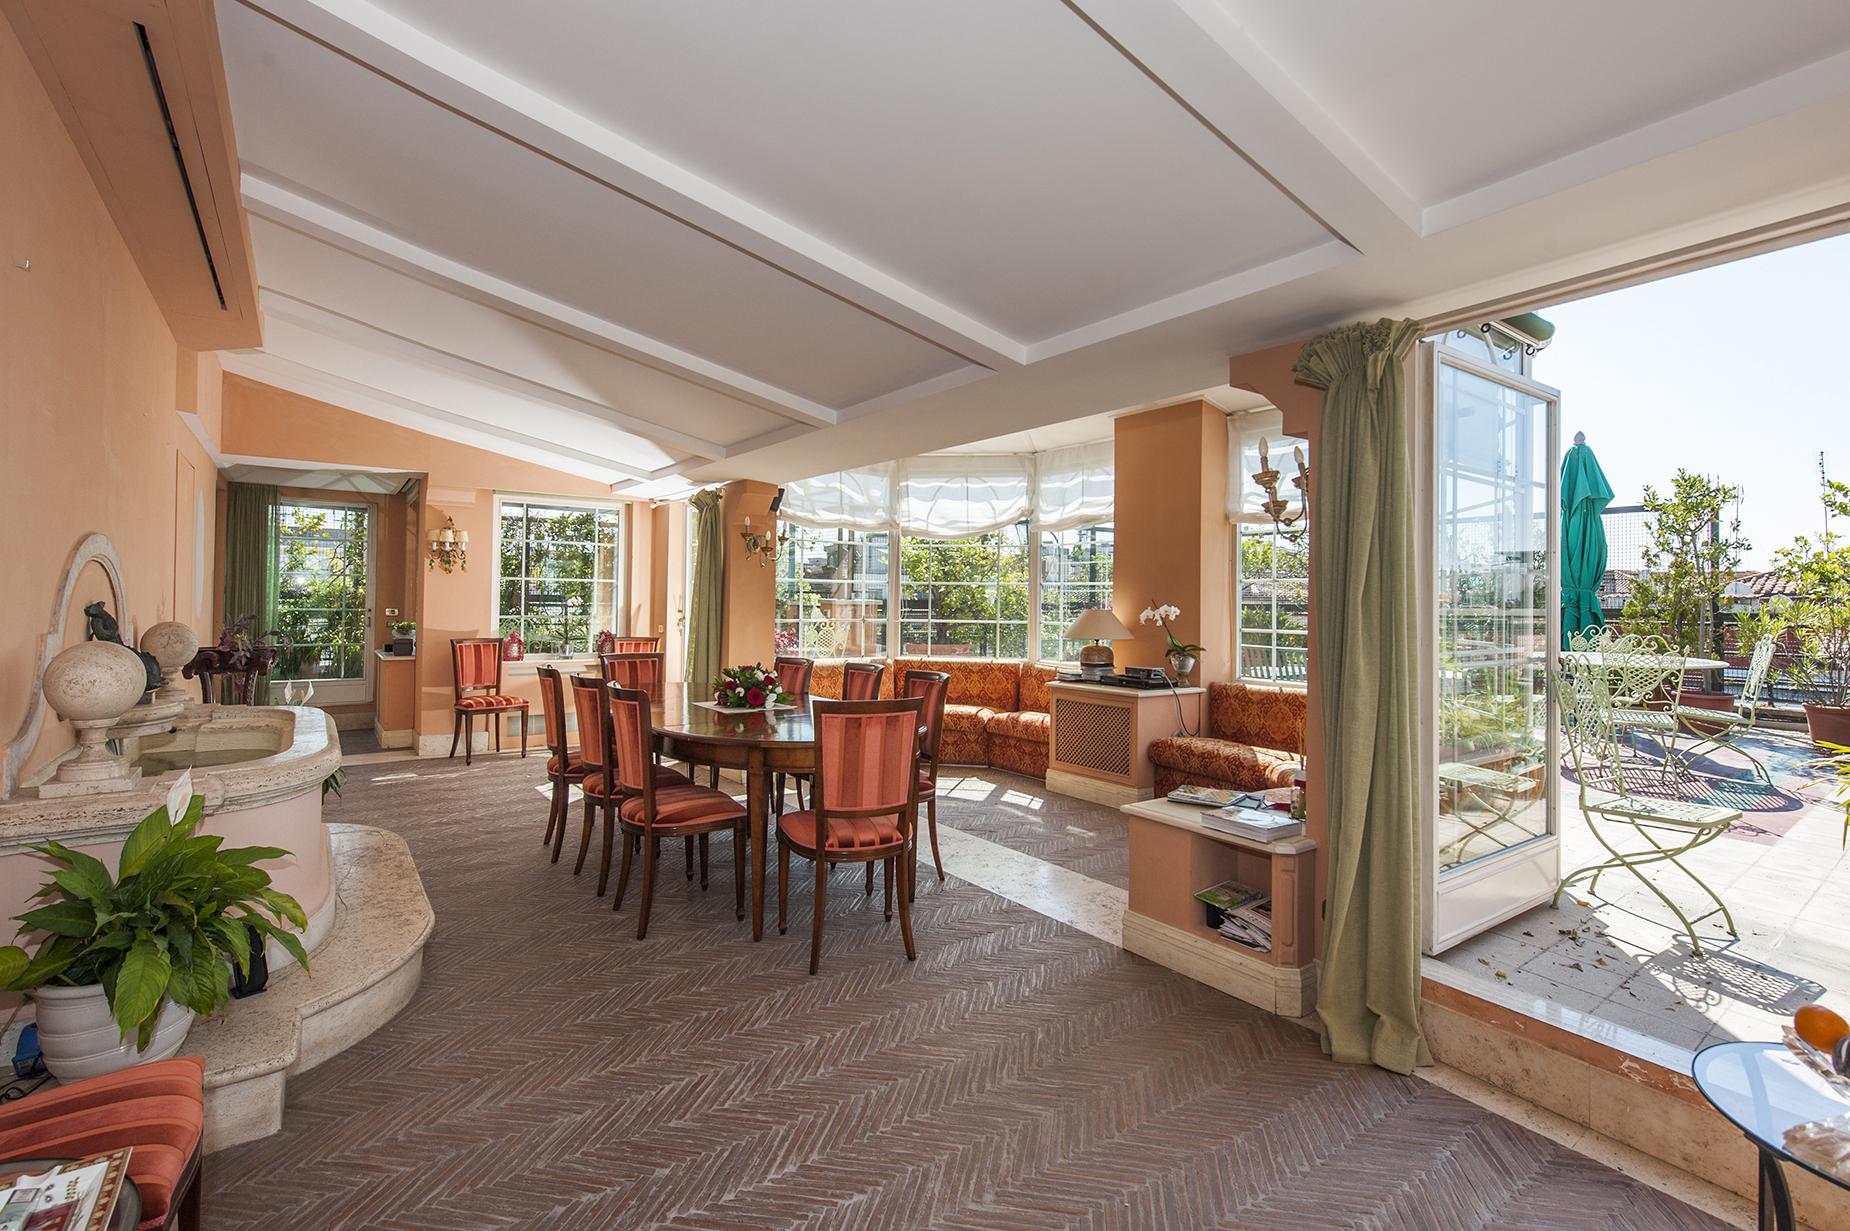 Attico di lusso in affitto a roma via giovanni paisiello for Affitto castello roma